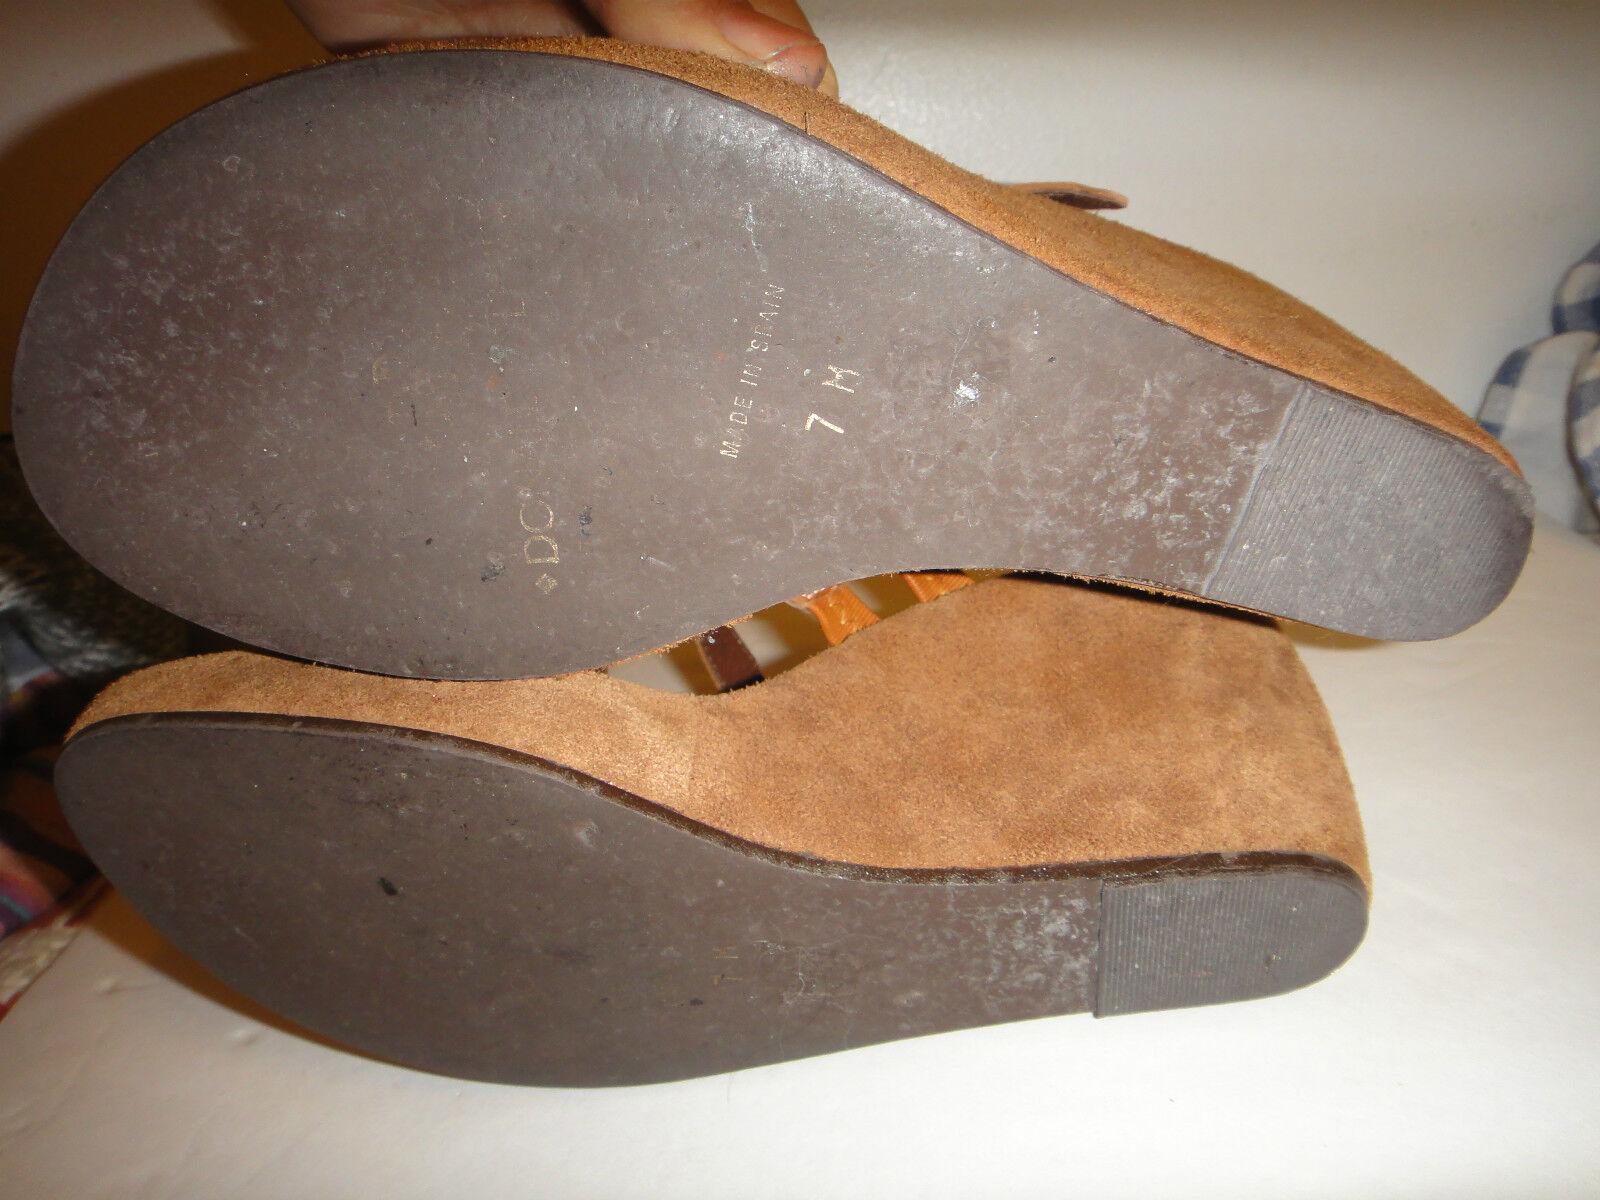 Donald J Pliner Größe 7 M Damens Wedge Sandales platform strappy